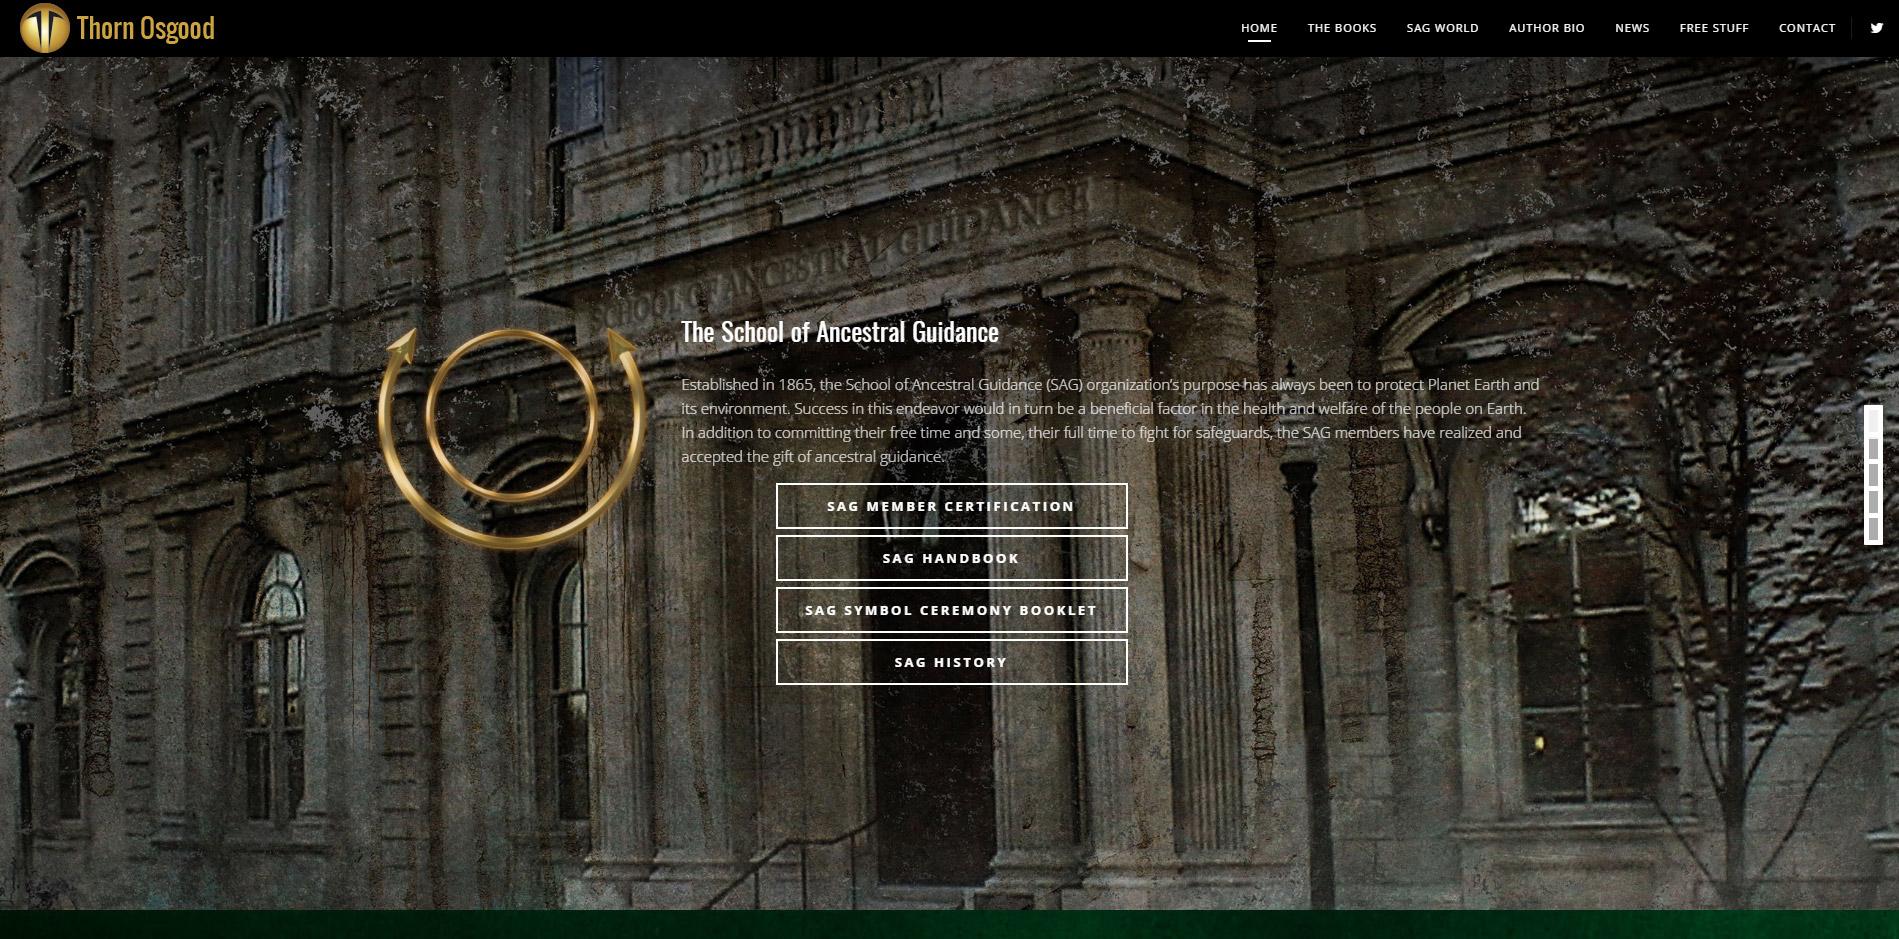 Thorn Osgood Website Design